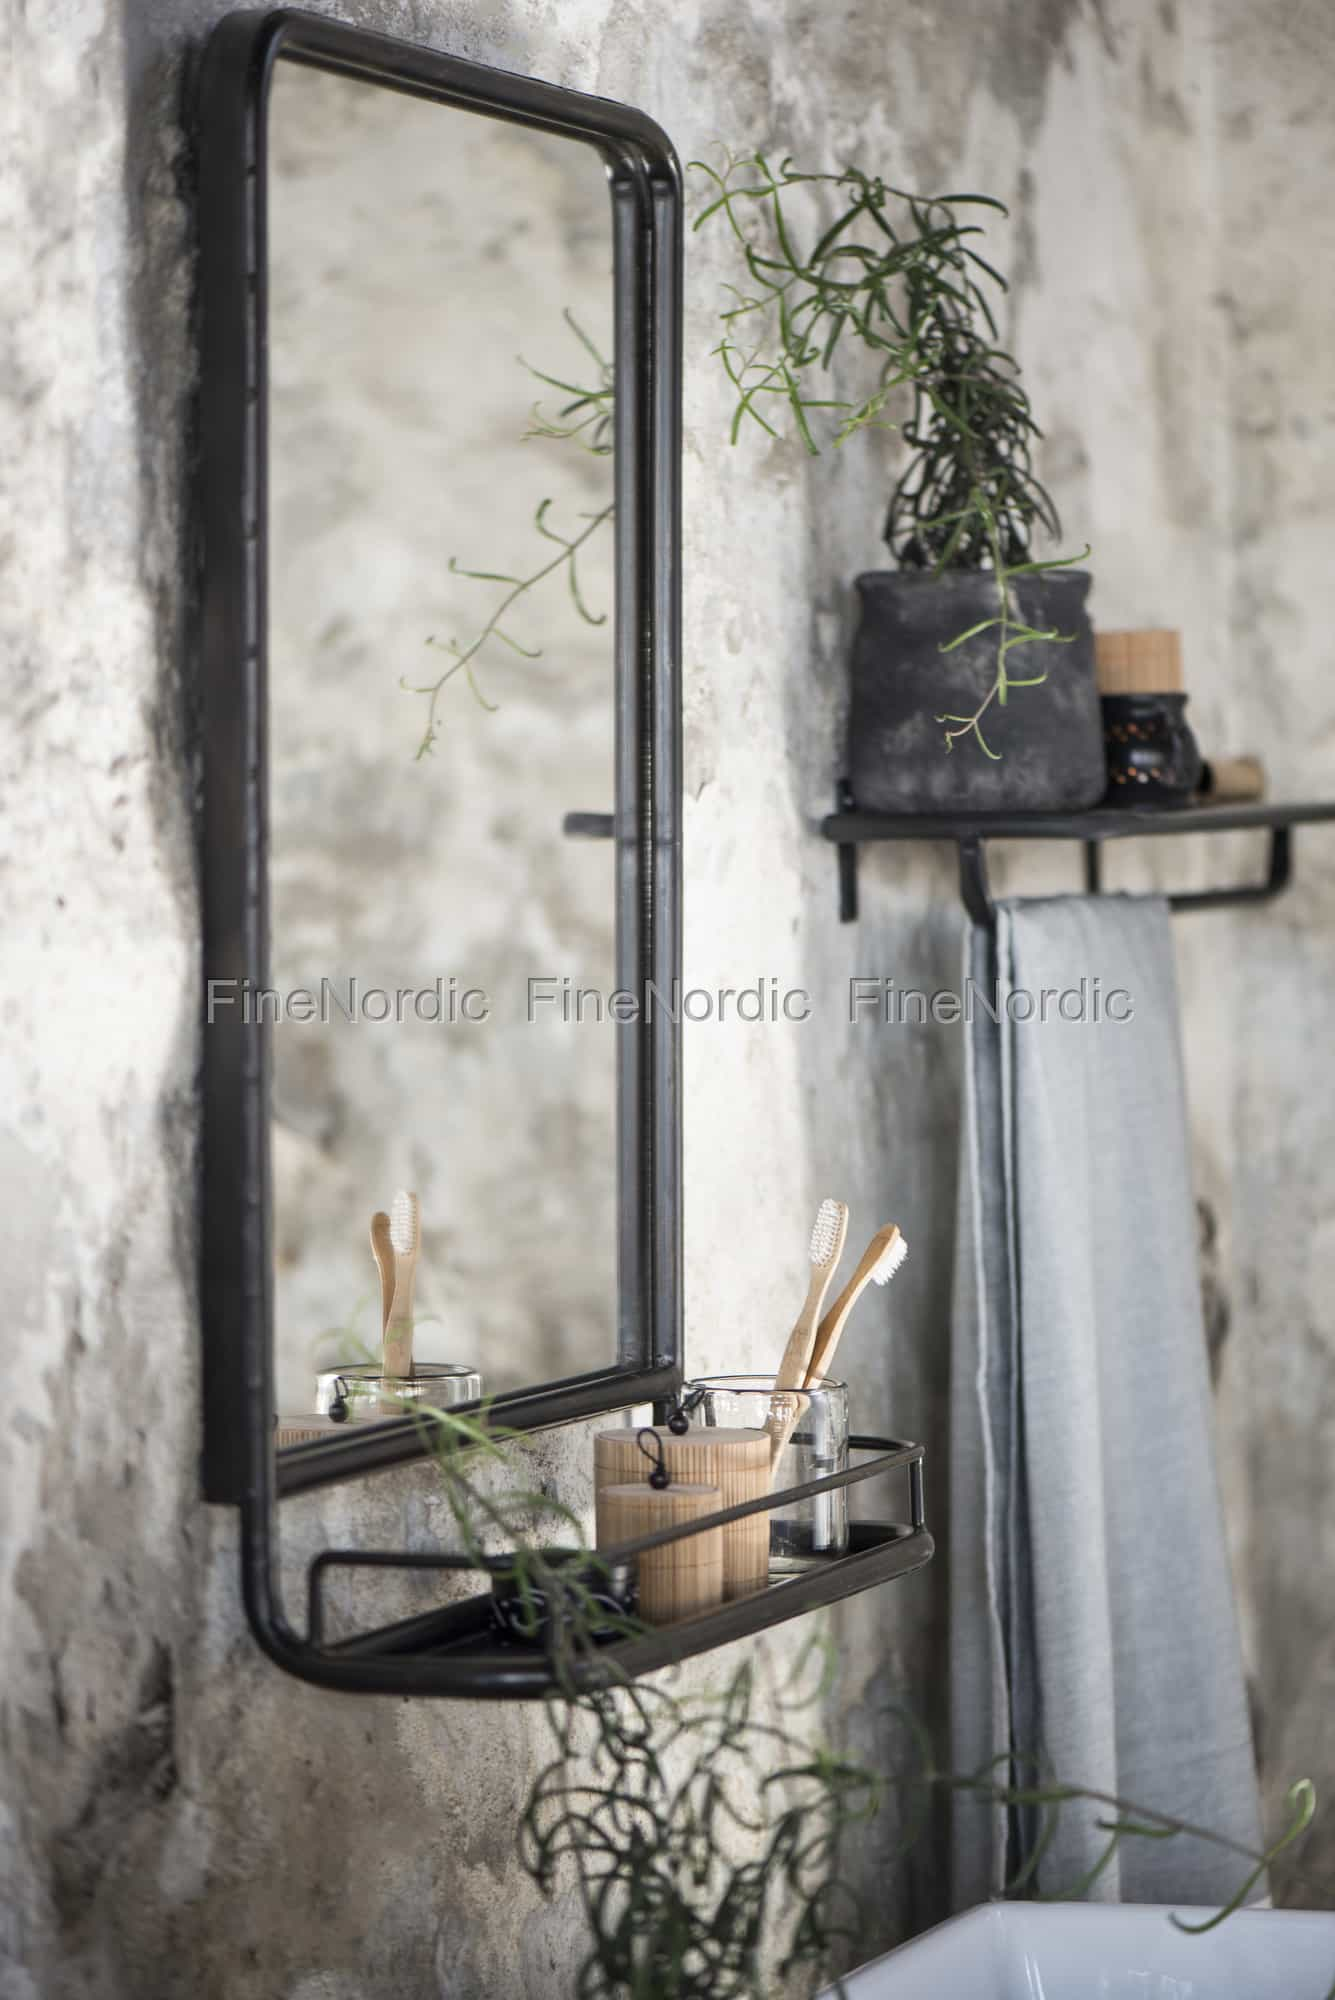 Ib laursen wandspiegel metall regal schwarz - Wandspiegel metallrahmen ...